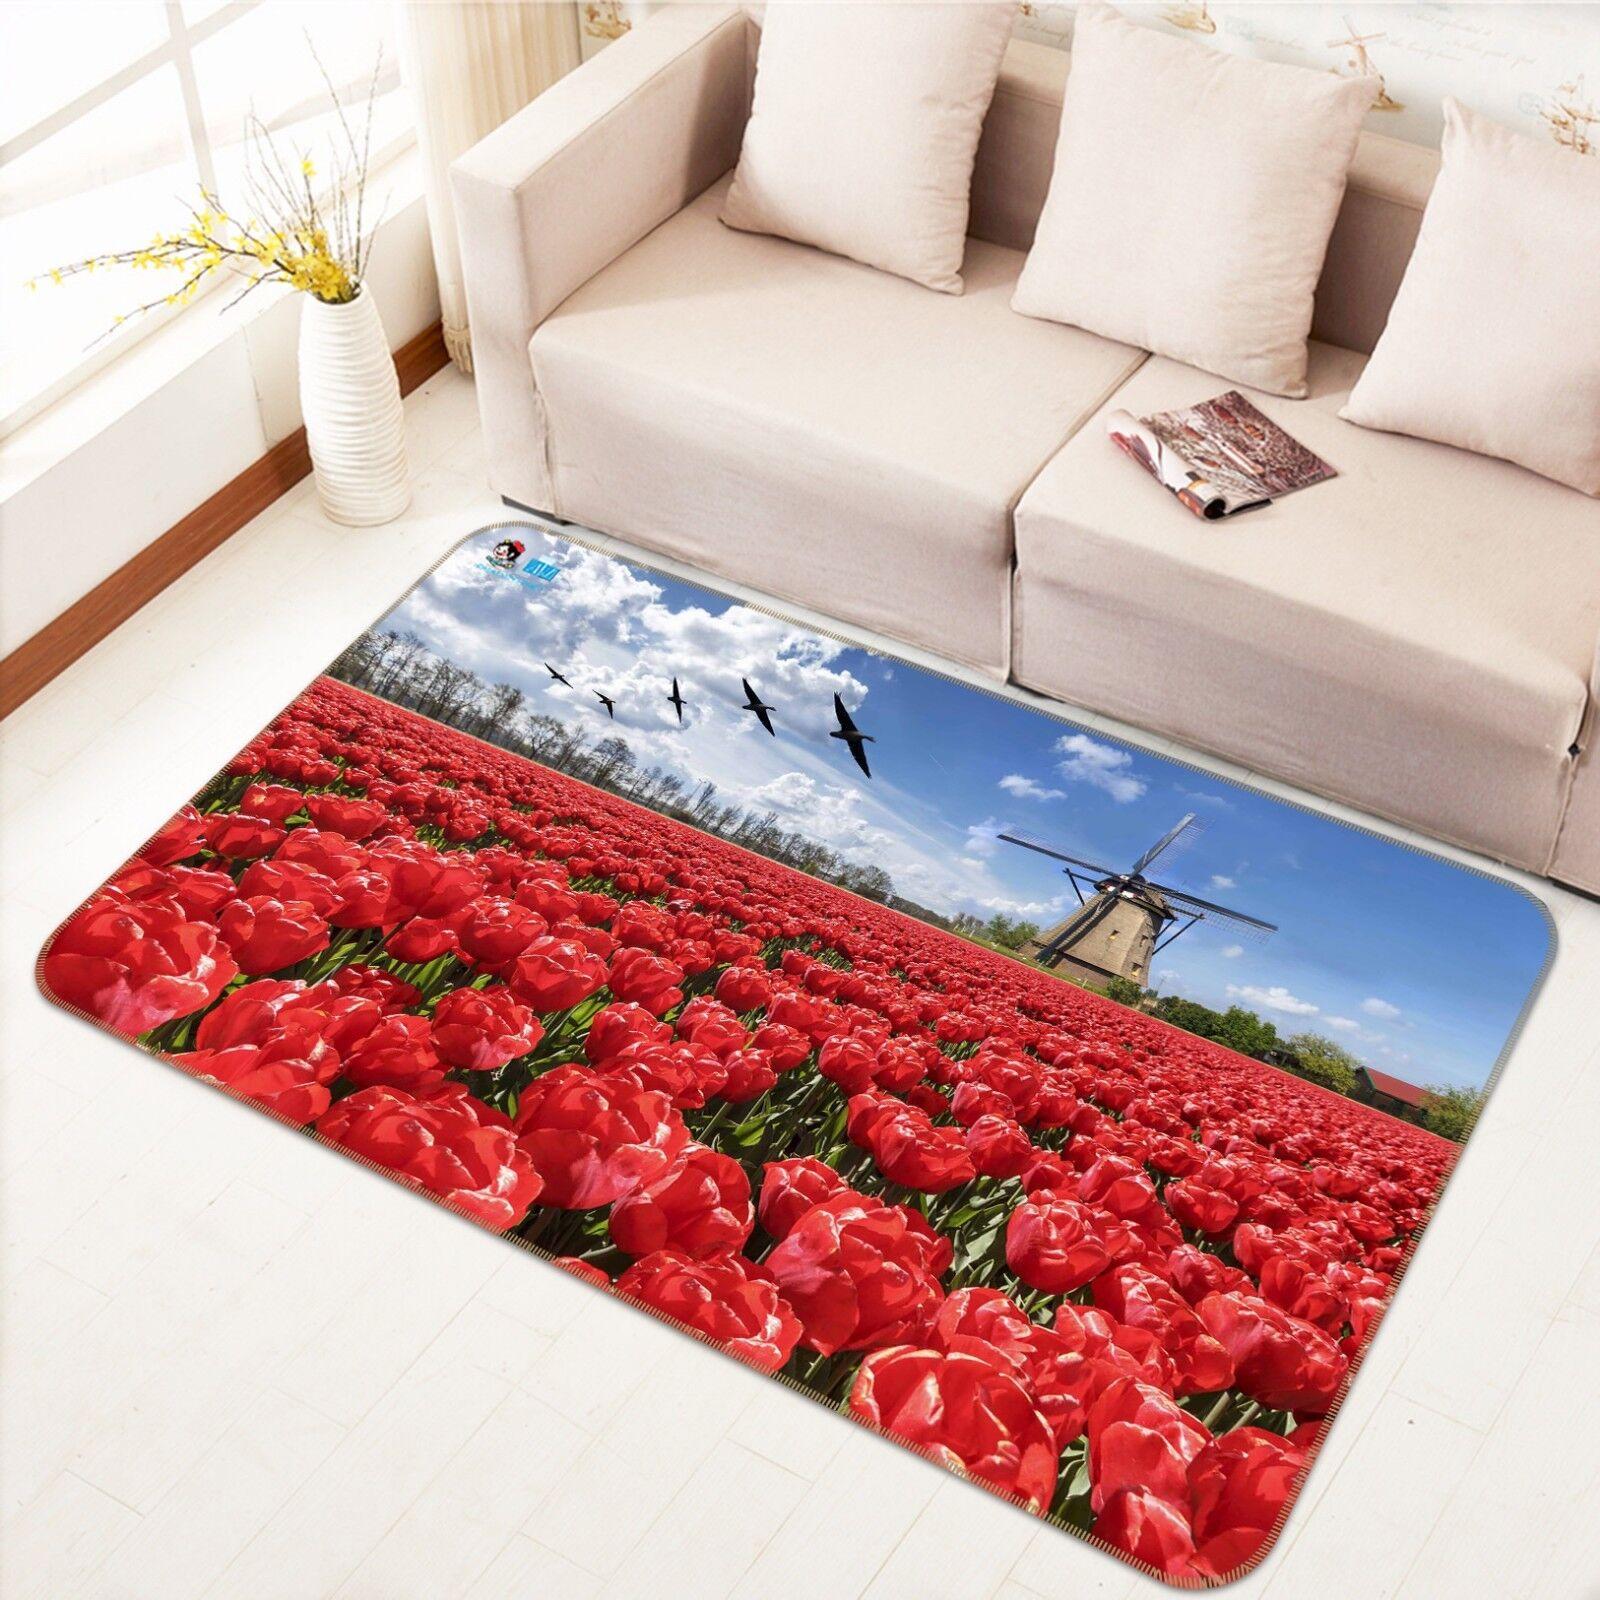 3d tulipán flores antideslizante alfombra de maletero calidad elegante alfombra de